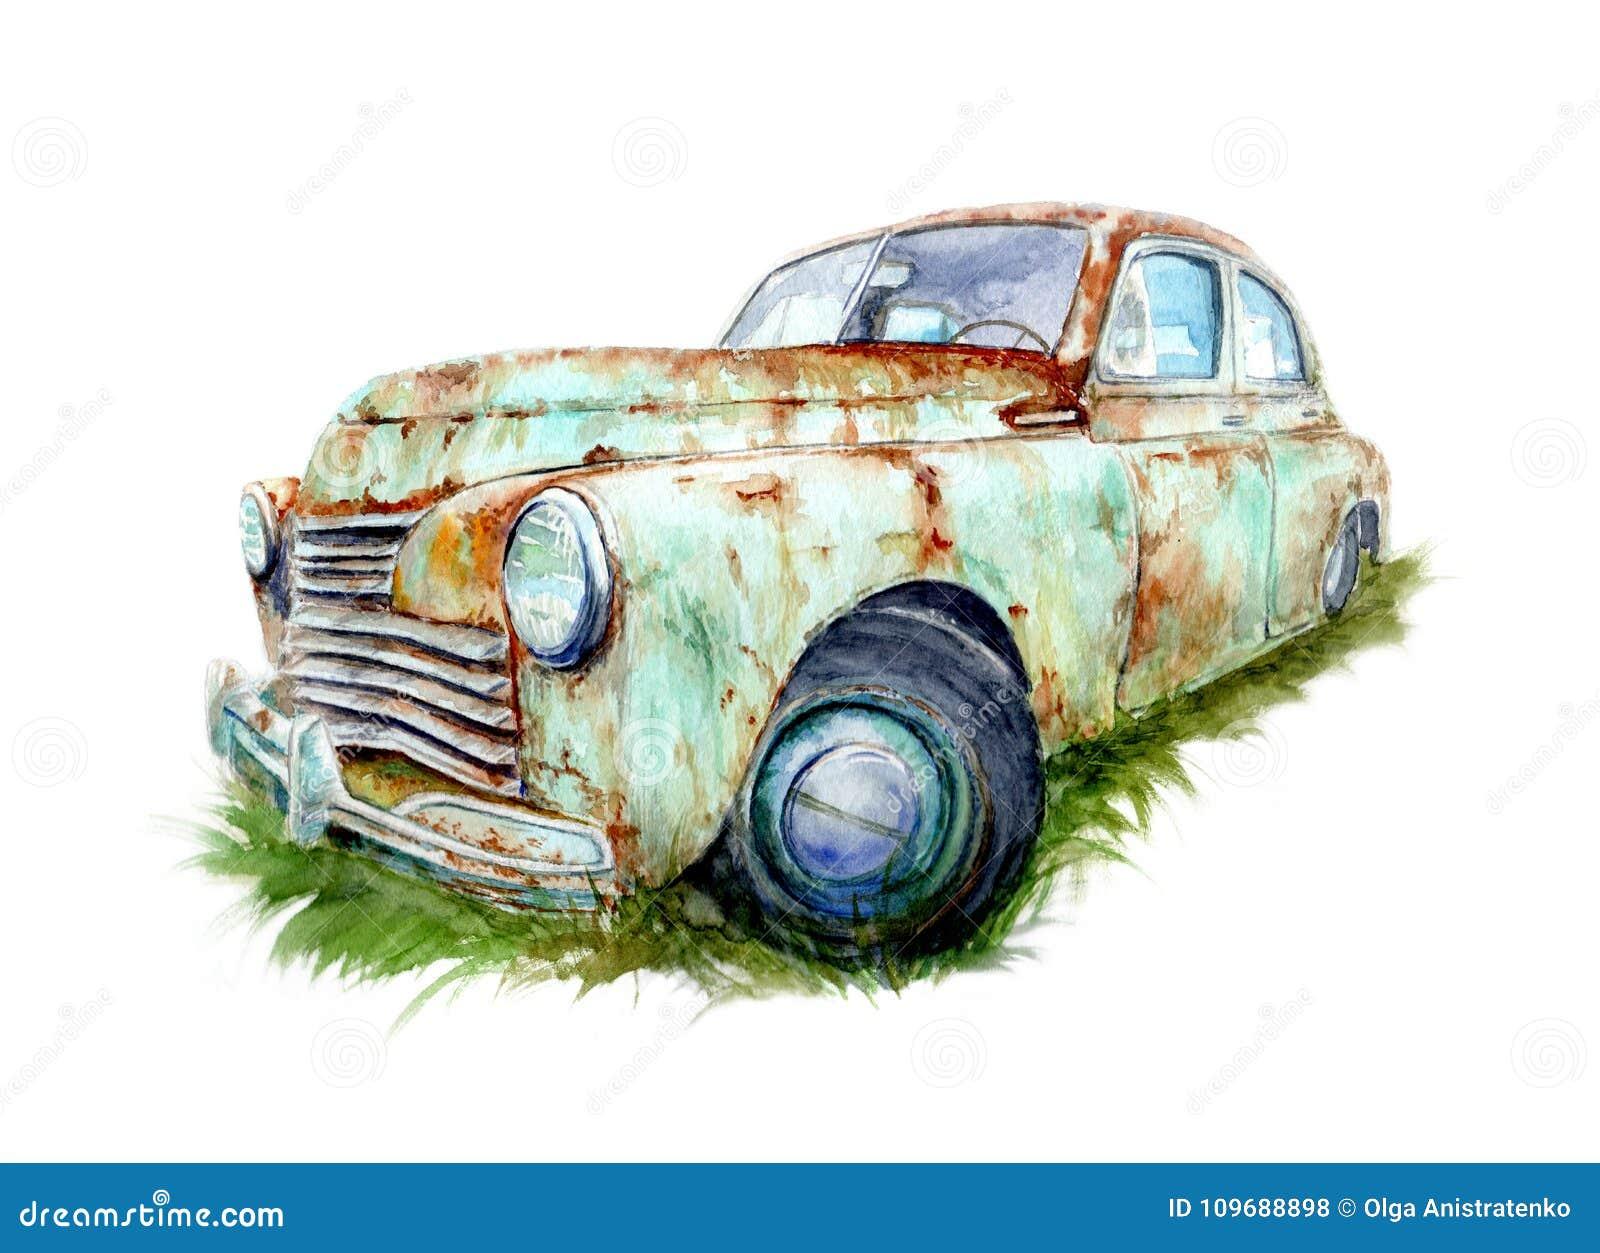 Dessin d 39 aquarelle d 39 une vieille voiture rouill e illustration stock illustration du antiquit - Dessin vieille voiture ...